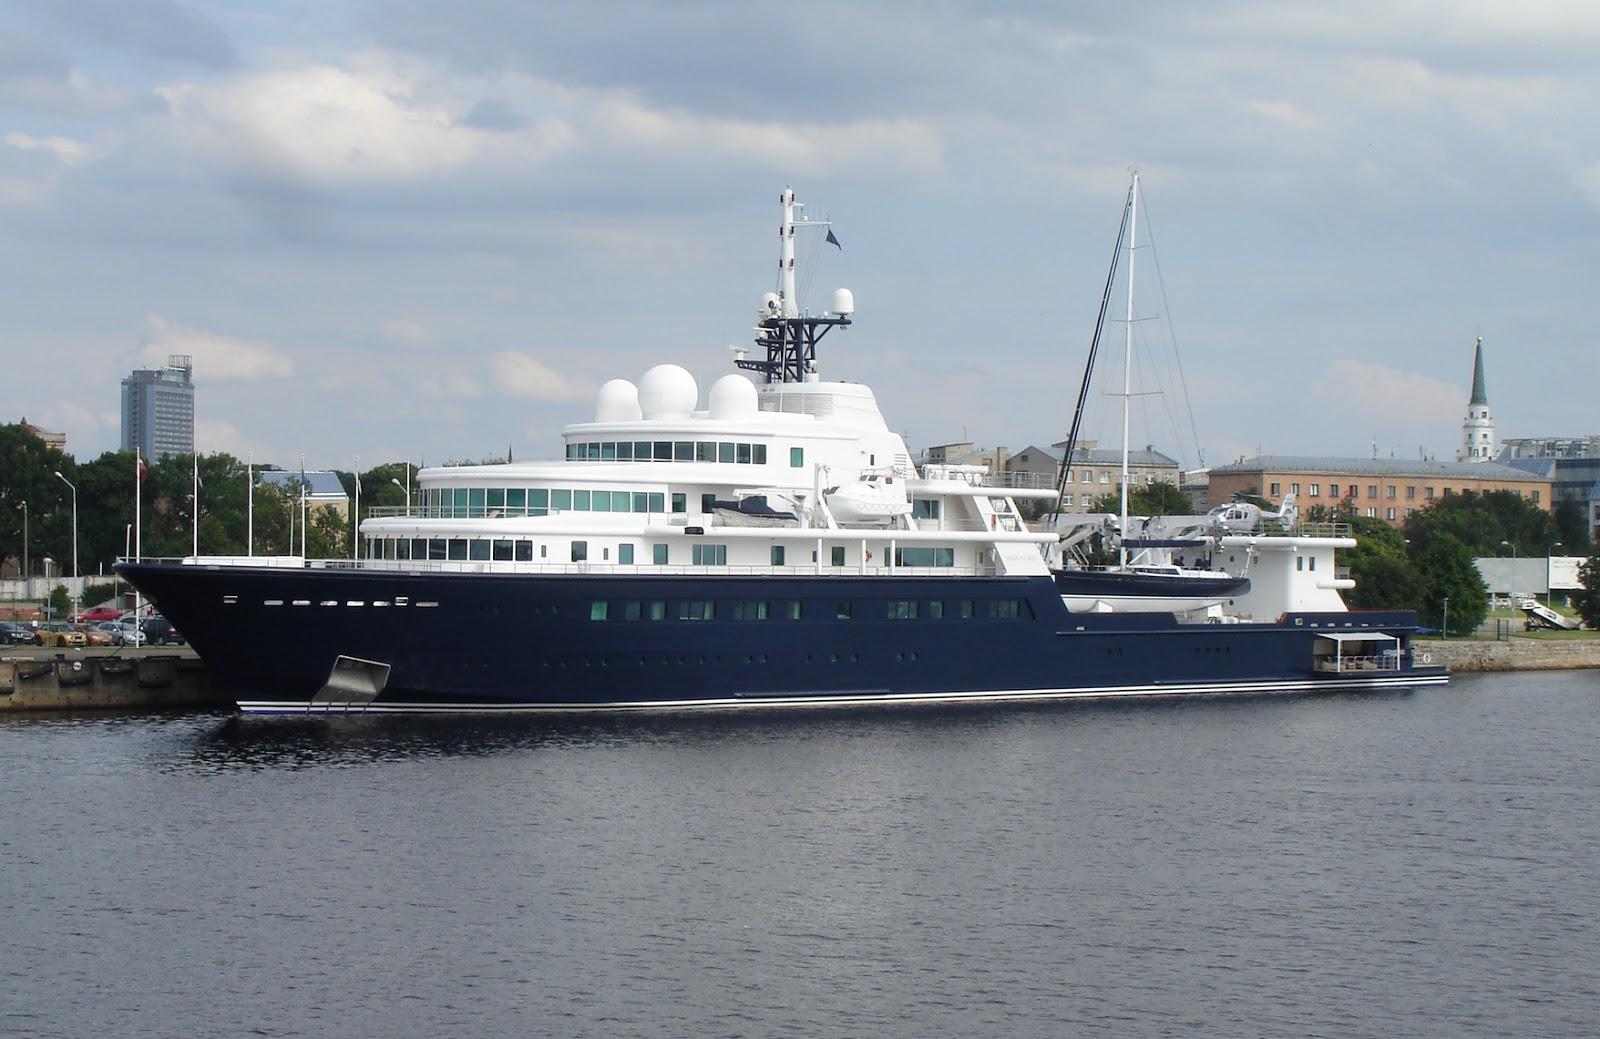 Le Grand Bleu Megayacht